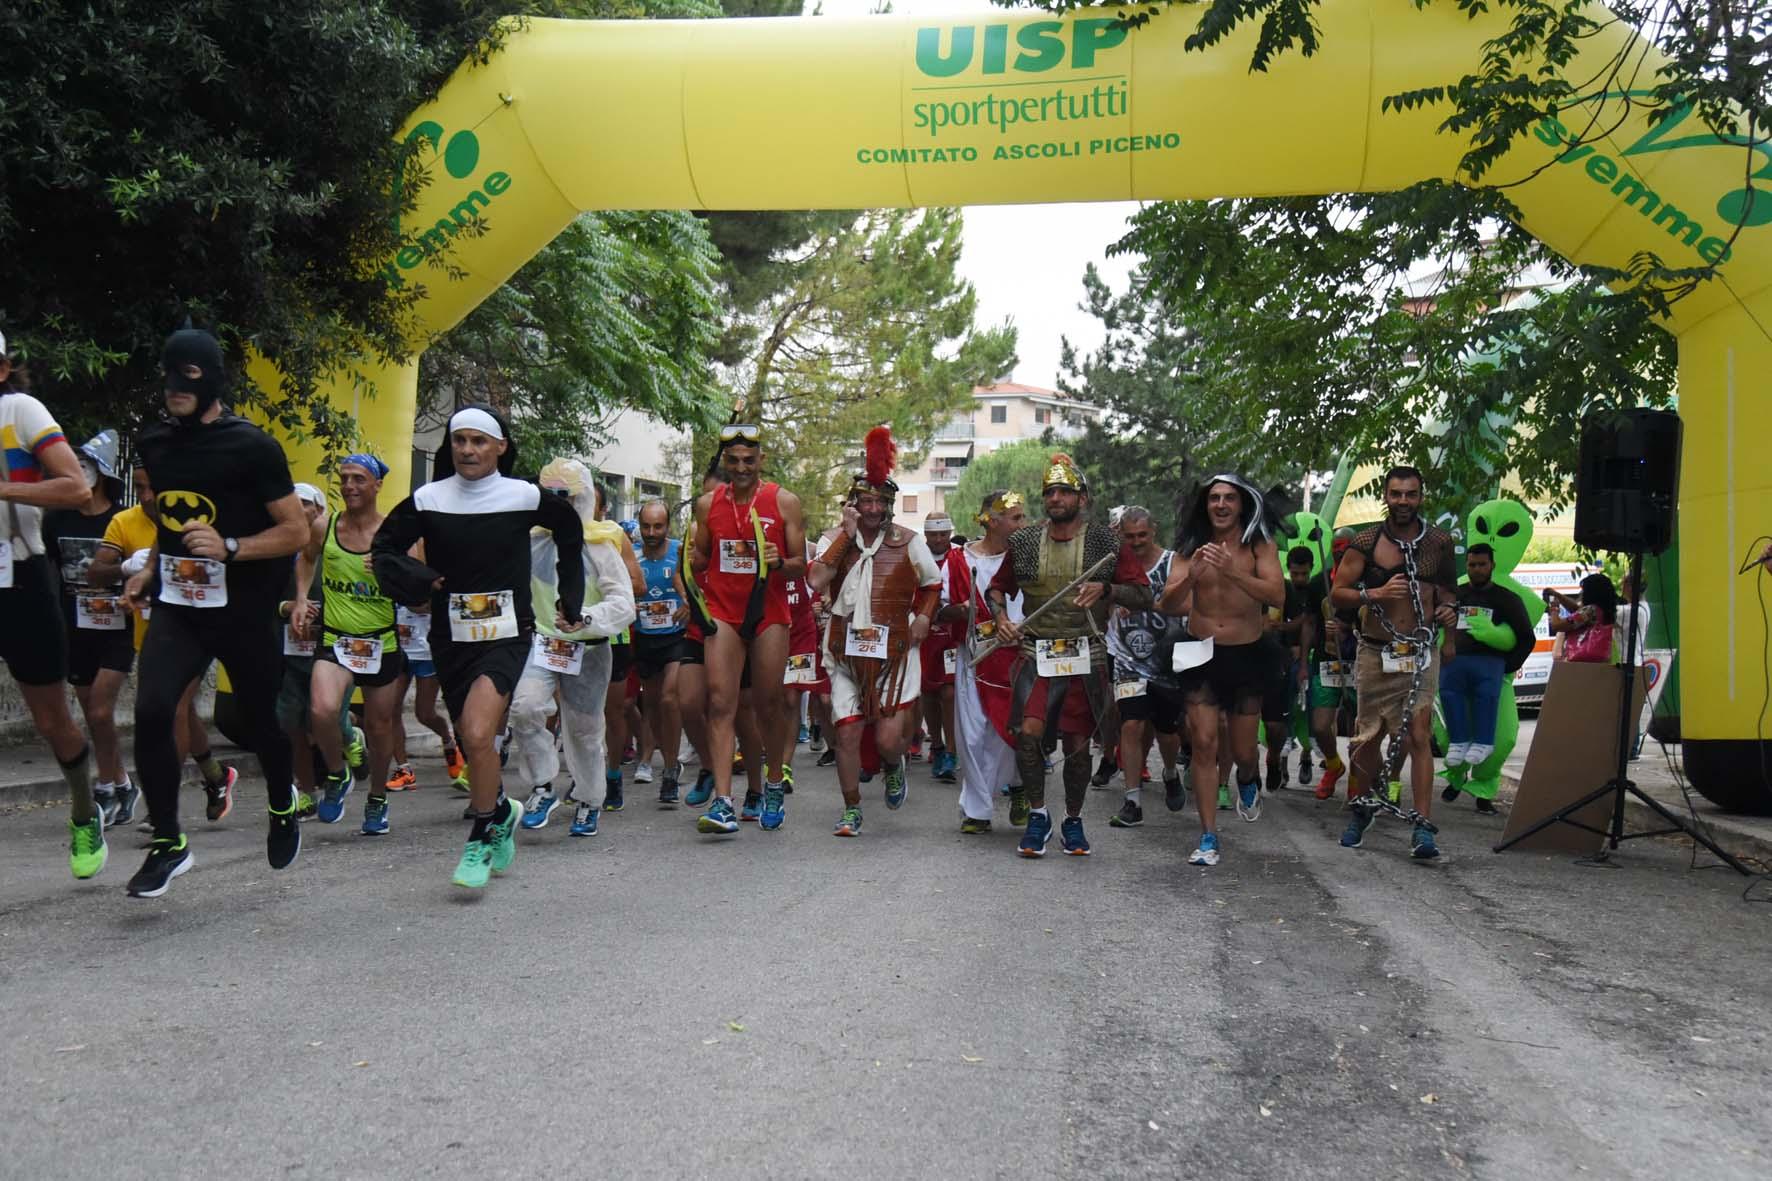 maraton con birra 7